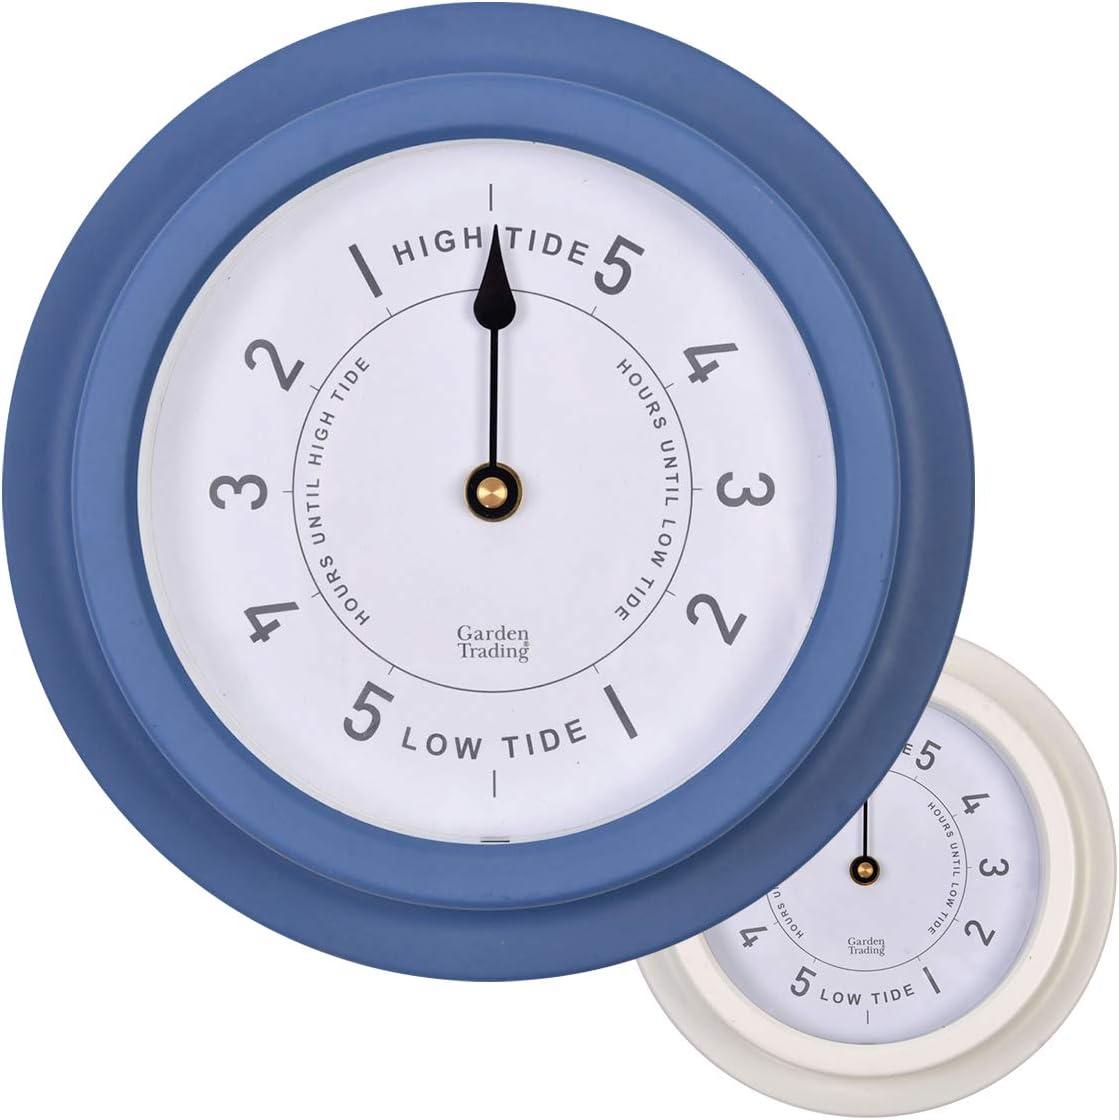 CKB LTD - Reloj de Marea náutico Tradicional Resistente a la Intemperie, Interior y Exterior, Funciona con Pilas, decoración Ideal para el mar o la Caravana, Acero de 22,7 cm